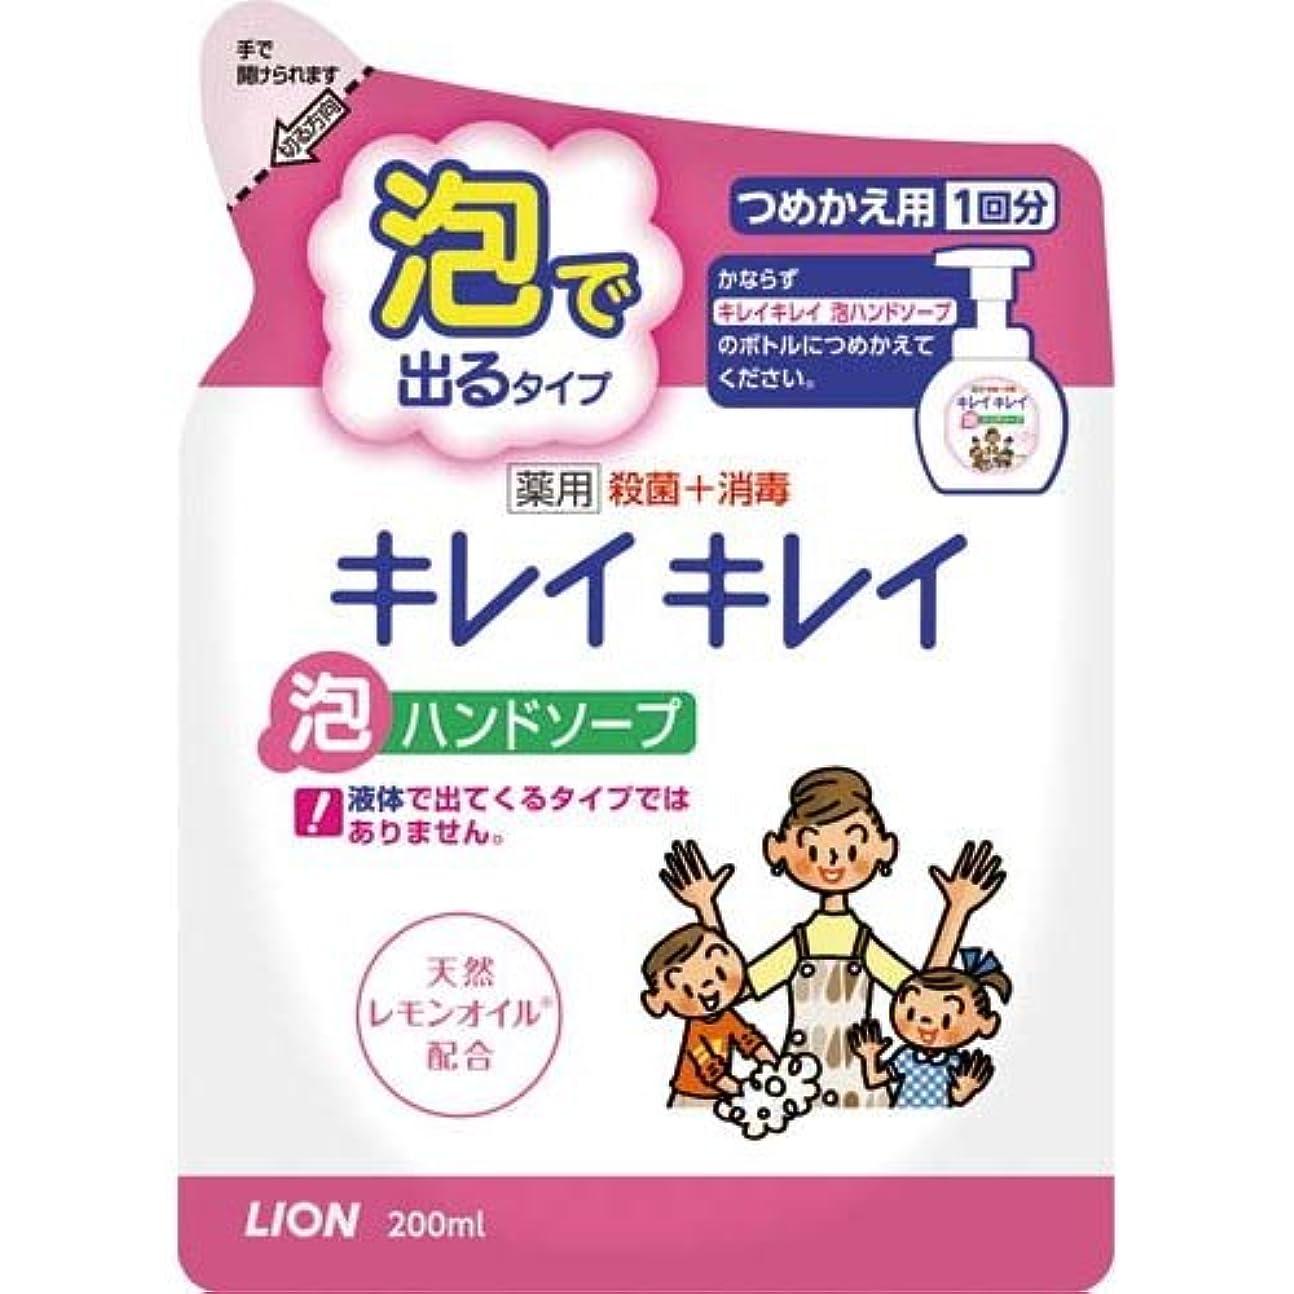 稼ぐ近く無駄なキレイキレイ 薬用泡ハンドソープ つめかえ用 200mL(医薬部外品) ライオン